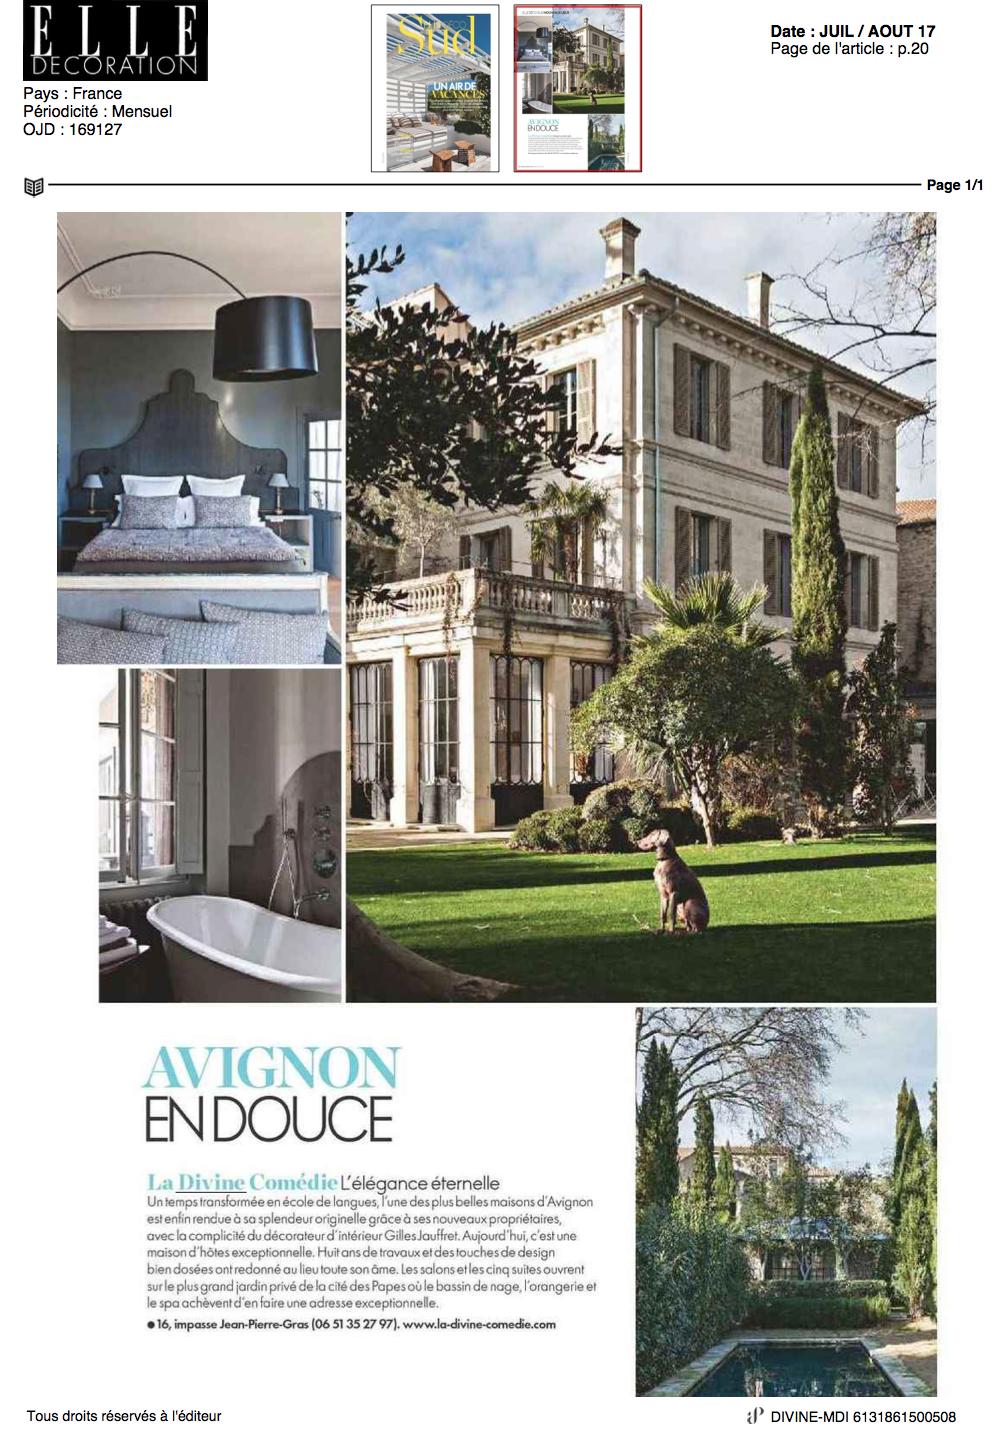 ELLE DECORATION - La Divine Comédie - Avignon